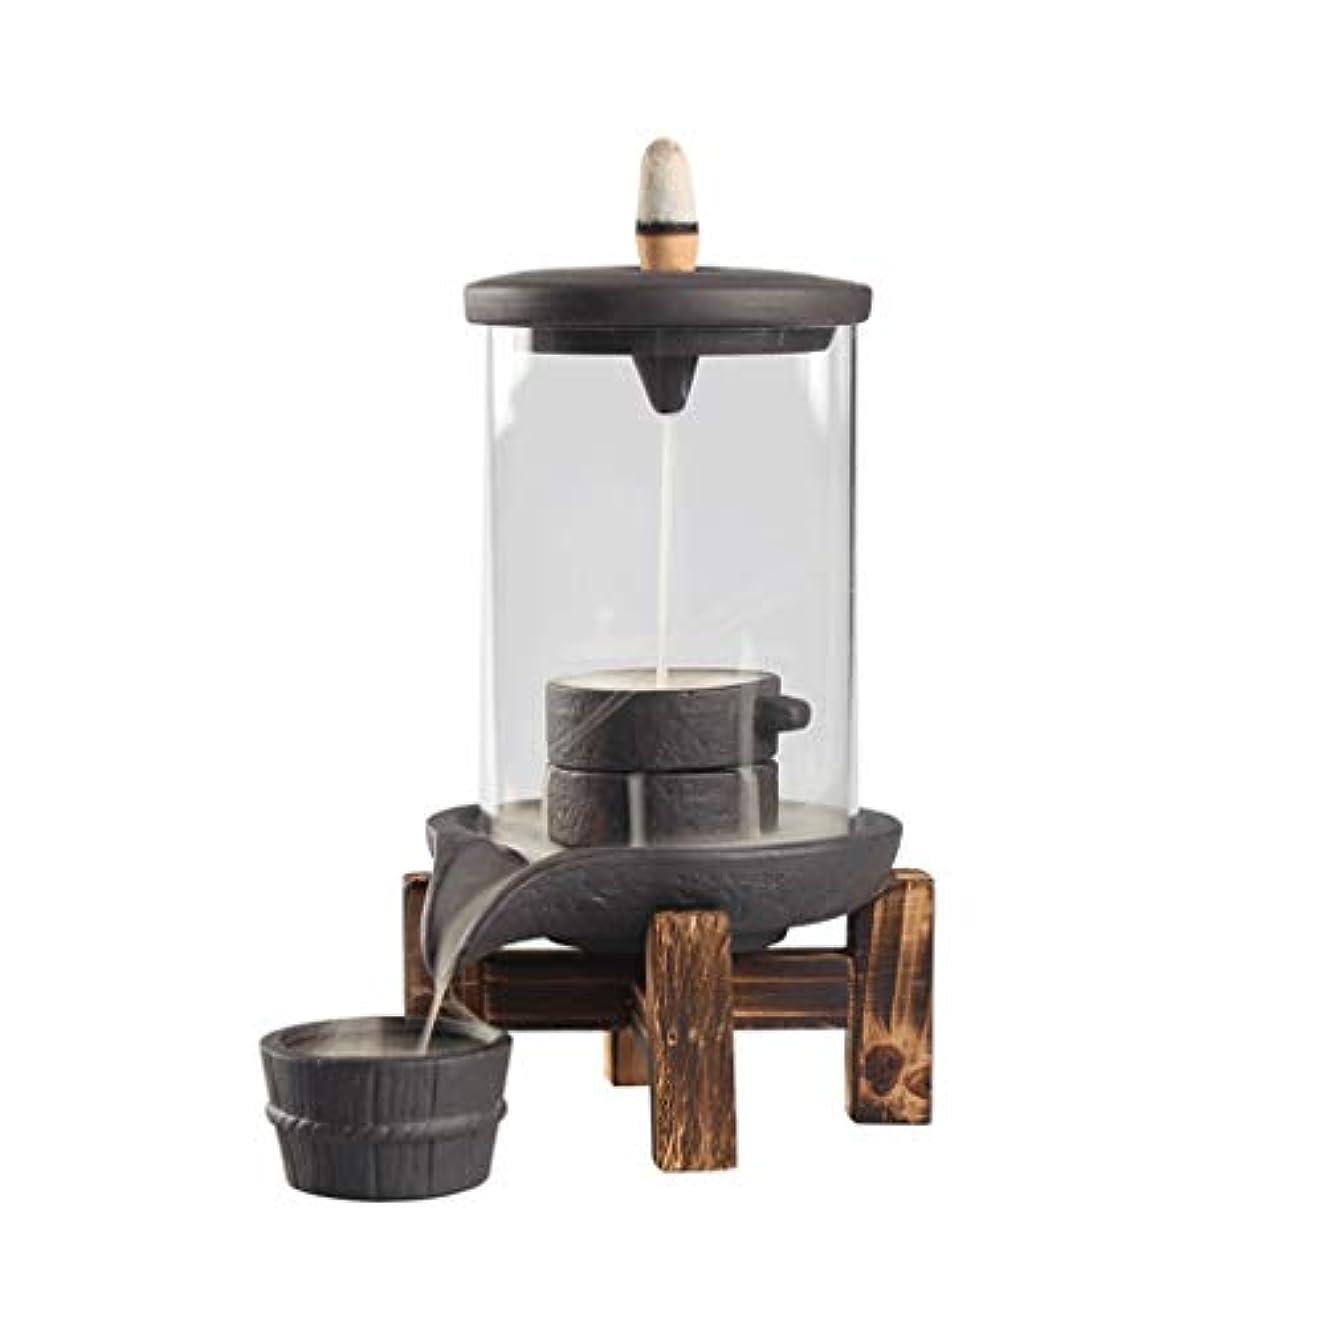 準備シャット冷凍庫逆流ガラスカバーお香バーナー陶芸工芸品装飾品ホームインテリアクリエイティブデコレーションコーンセンサーお香ホルダー (Color : 3.74*6.7INCHS)